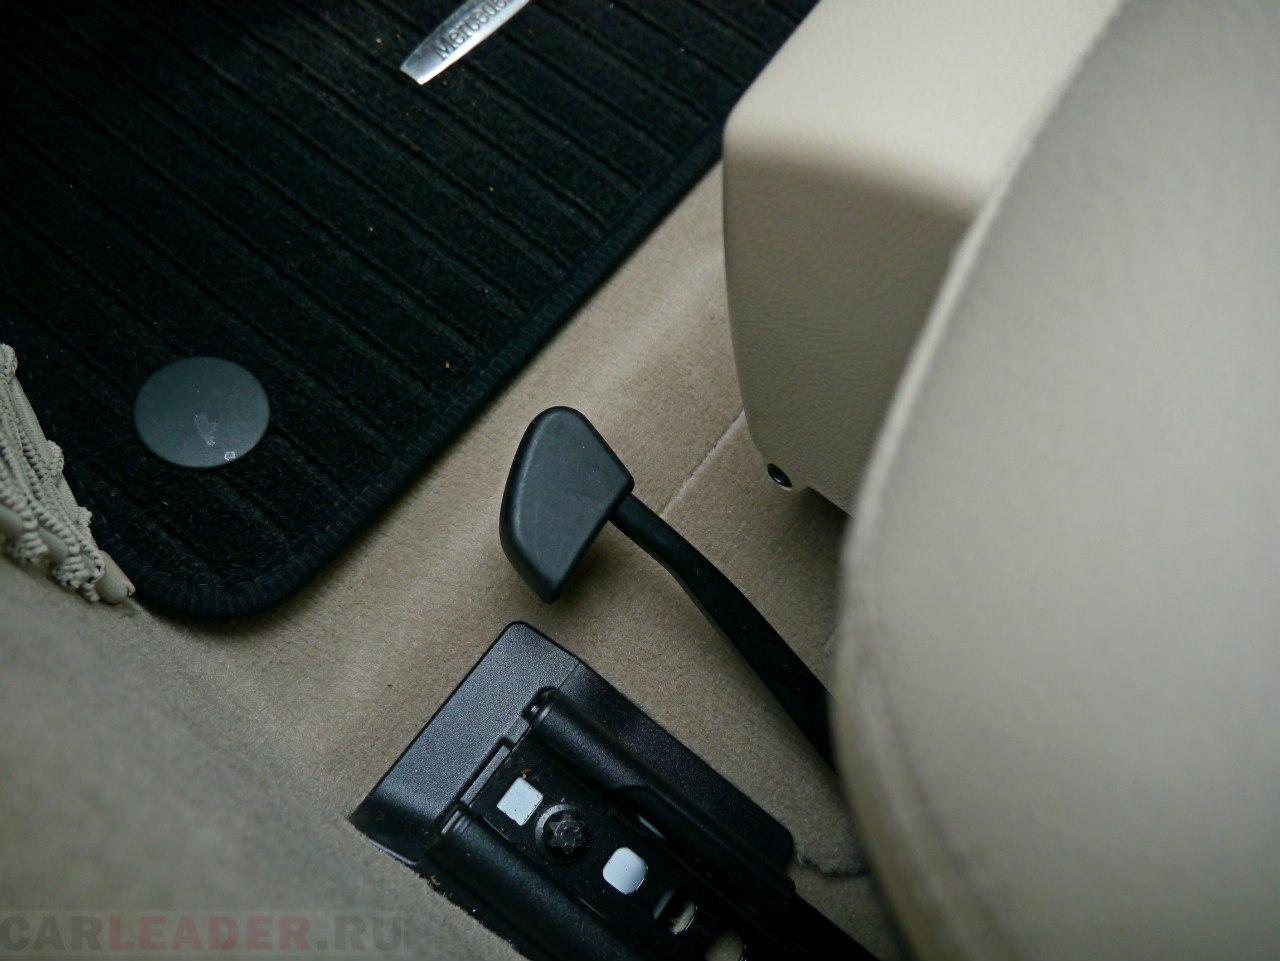 Для тех, кто впервые попал за руль новых Mercedes-Benz E и C, будут долго искать, как же им подвинуть сидение. Это делается с помощью черной рукояти. Все просто!